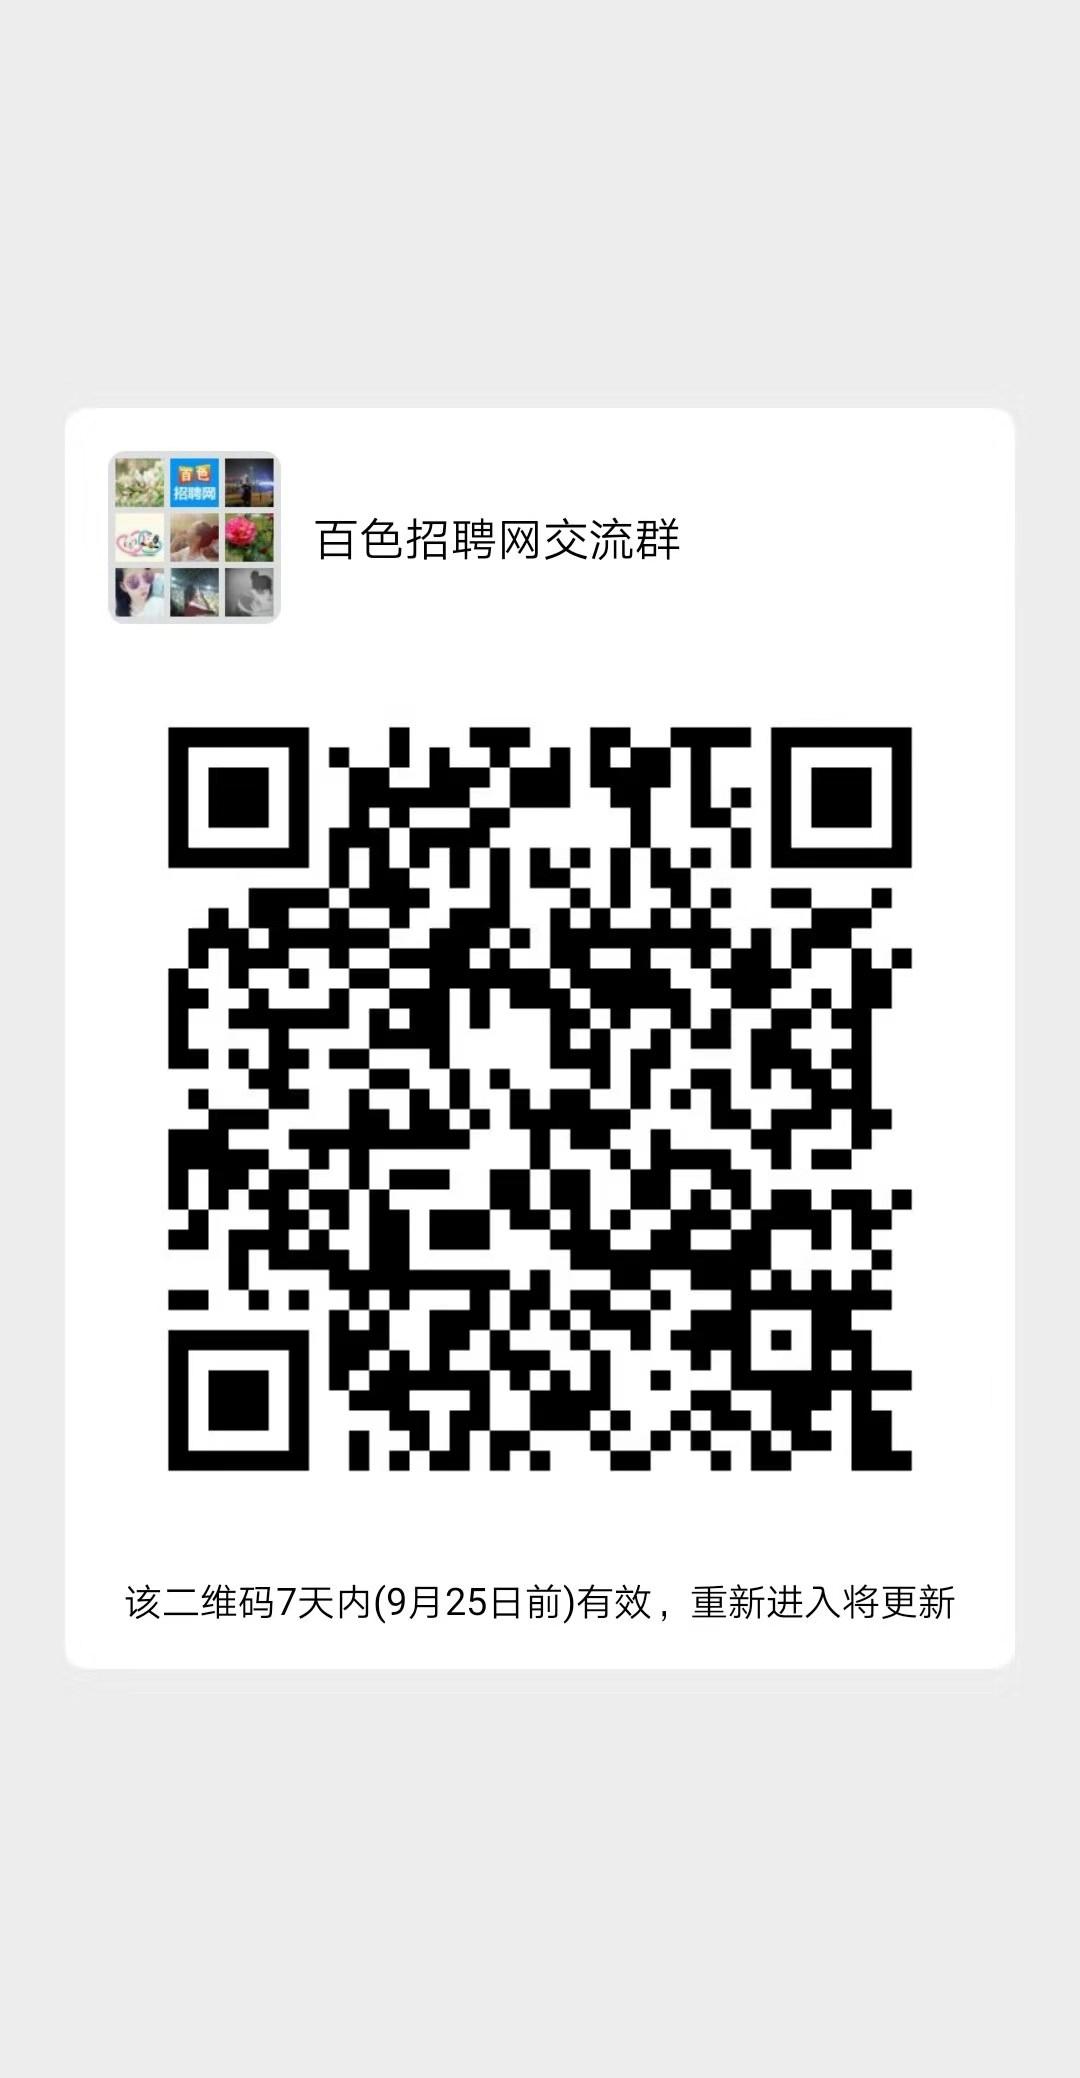 微信图片_20190918101609.jpg